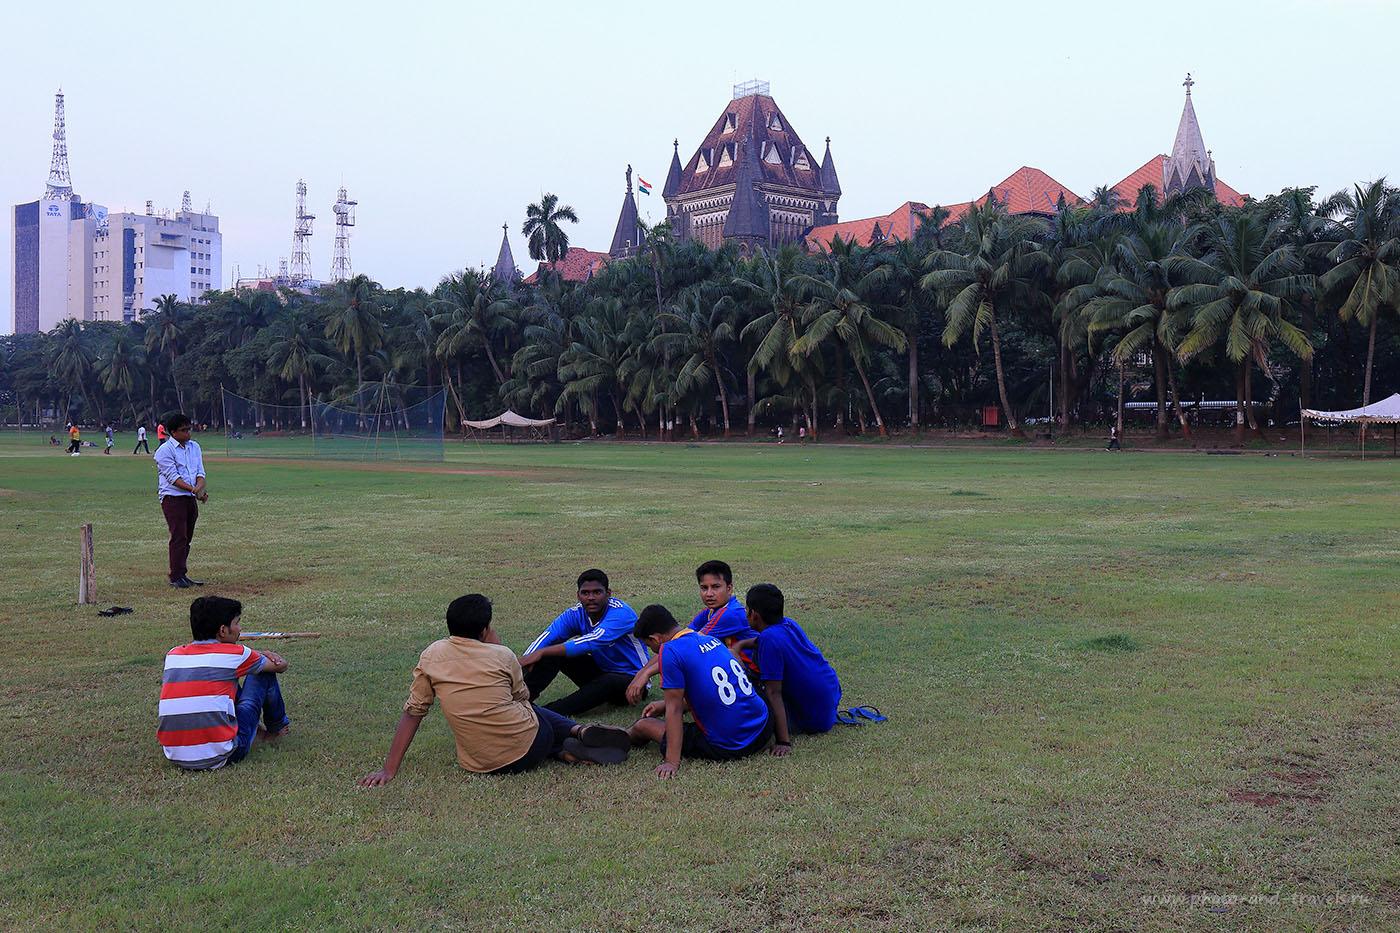 Фотография 35. Отдыхающие на поле игроки. (24-70, 1/20, -1eV, f9, 30 mm, ISO 320)